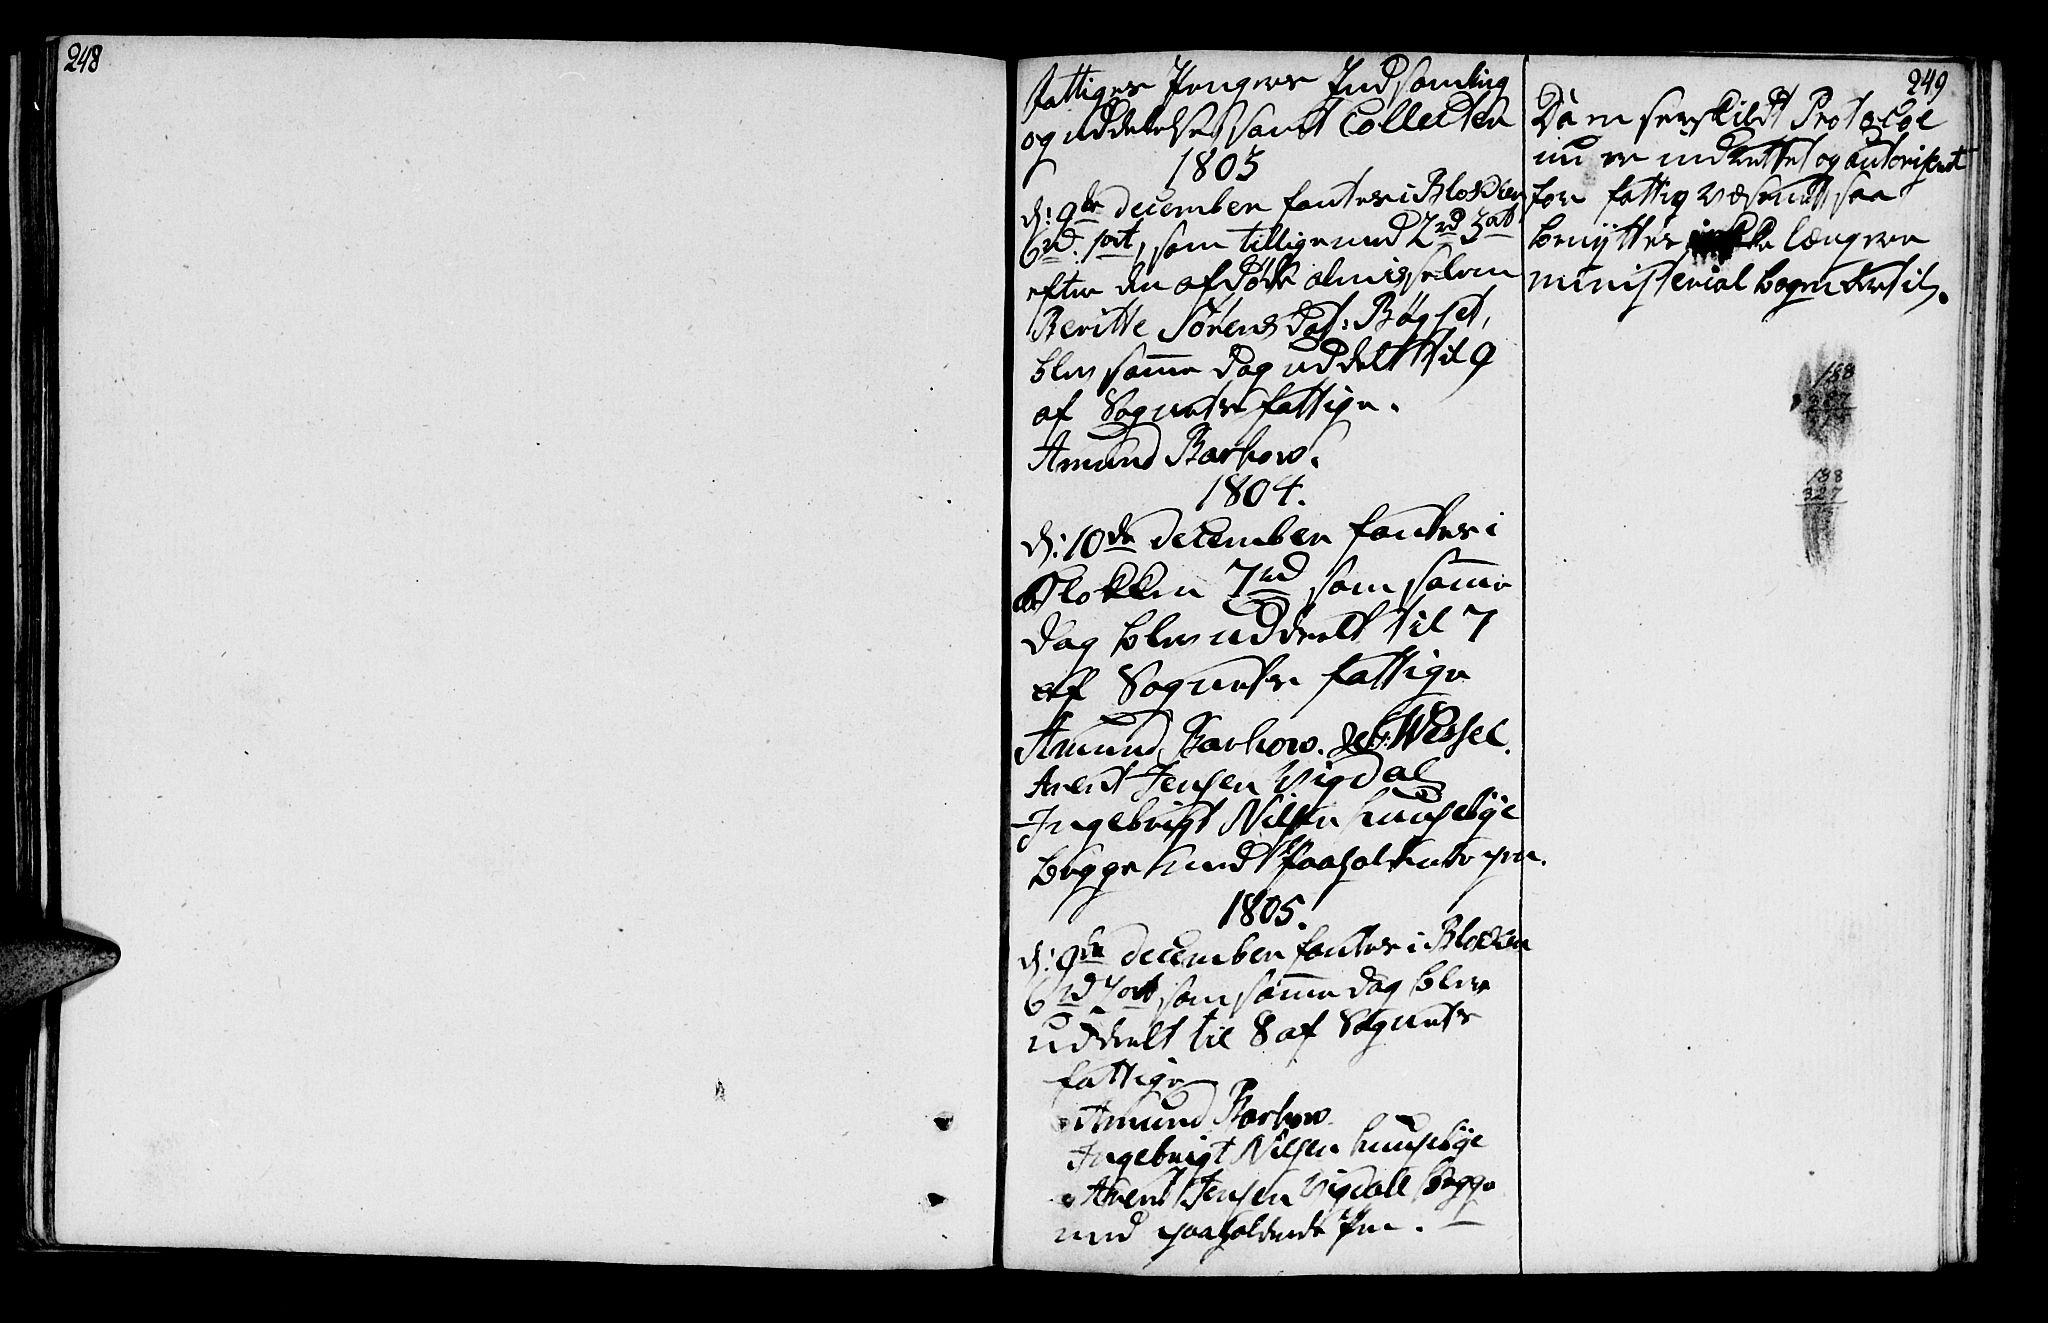 SAT, Ministerialprotokoller, klokkerbøker og fødselsregistre - Sør-Trøndelag, 666/L0785: Ministerialbok nr. 666A03, 1803-1816, s. 248-249